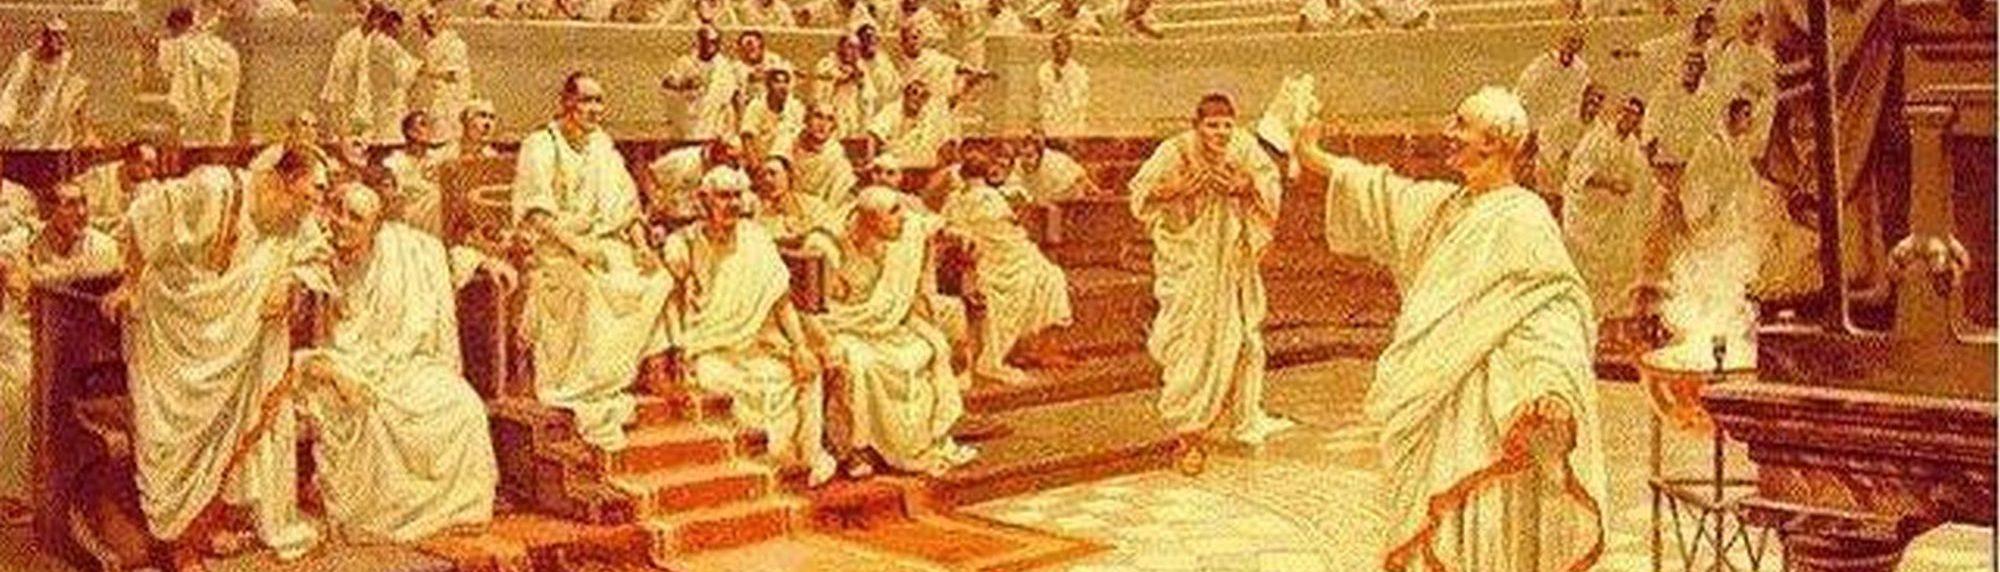 Sócrates-17